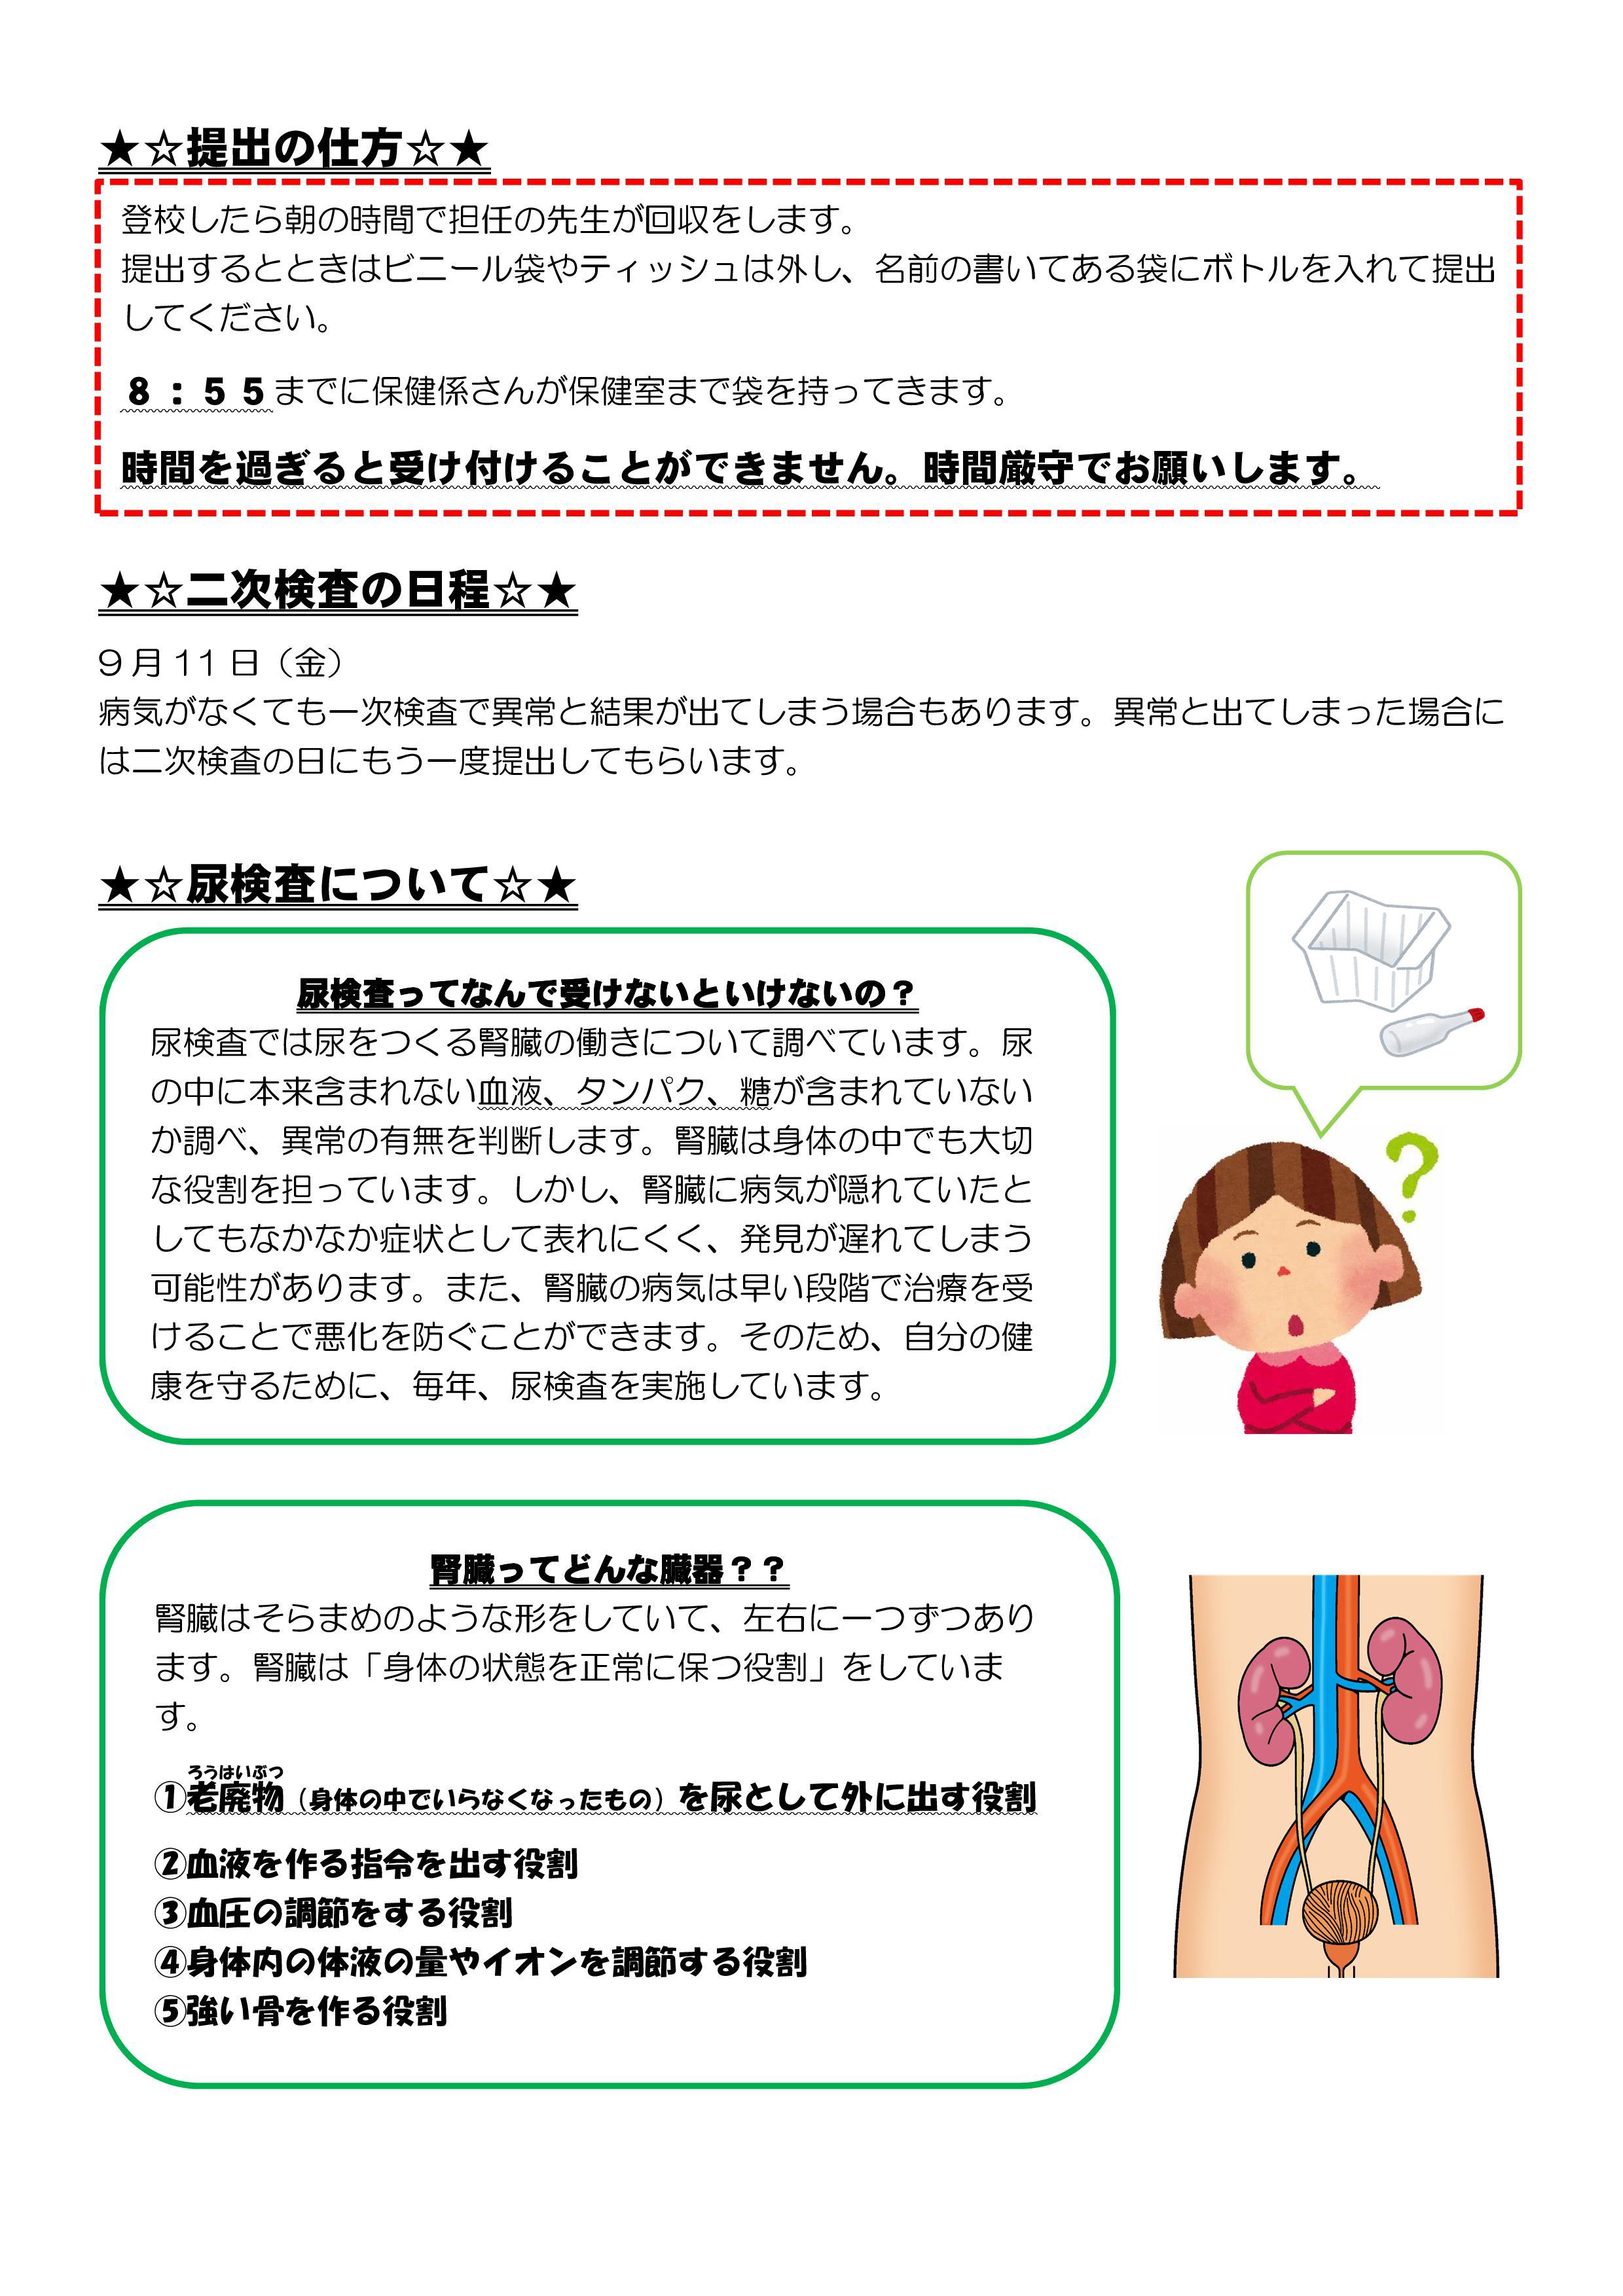 ない 尿 検査 出